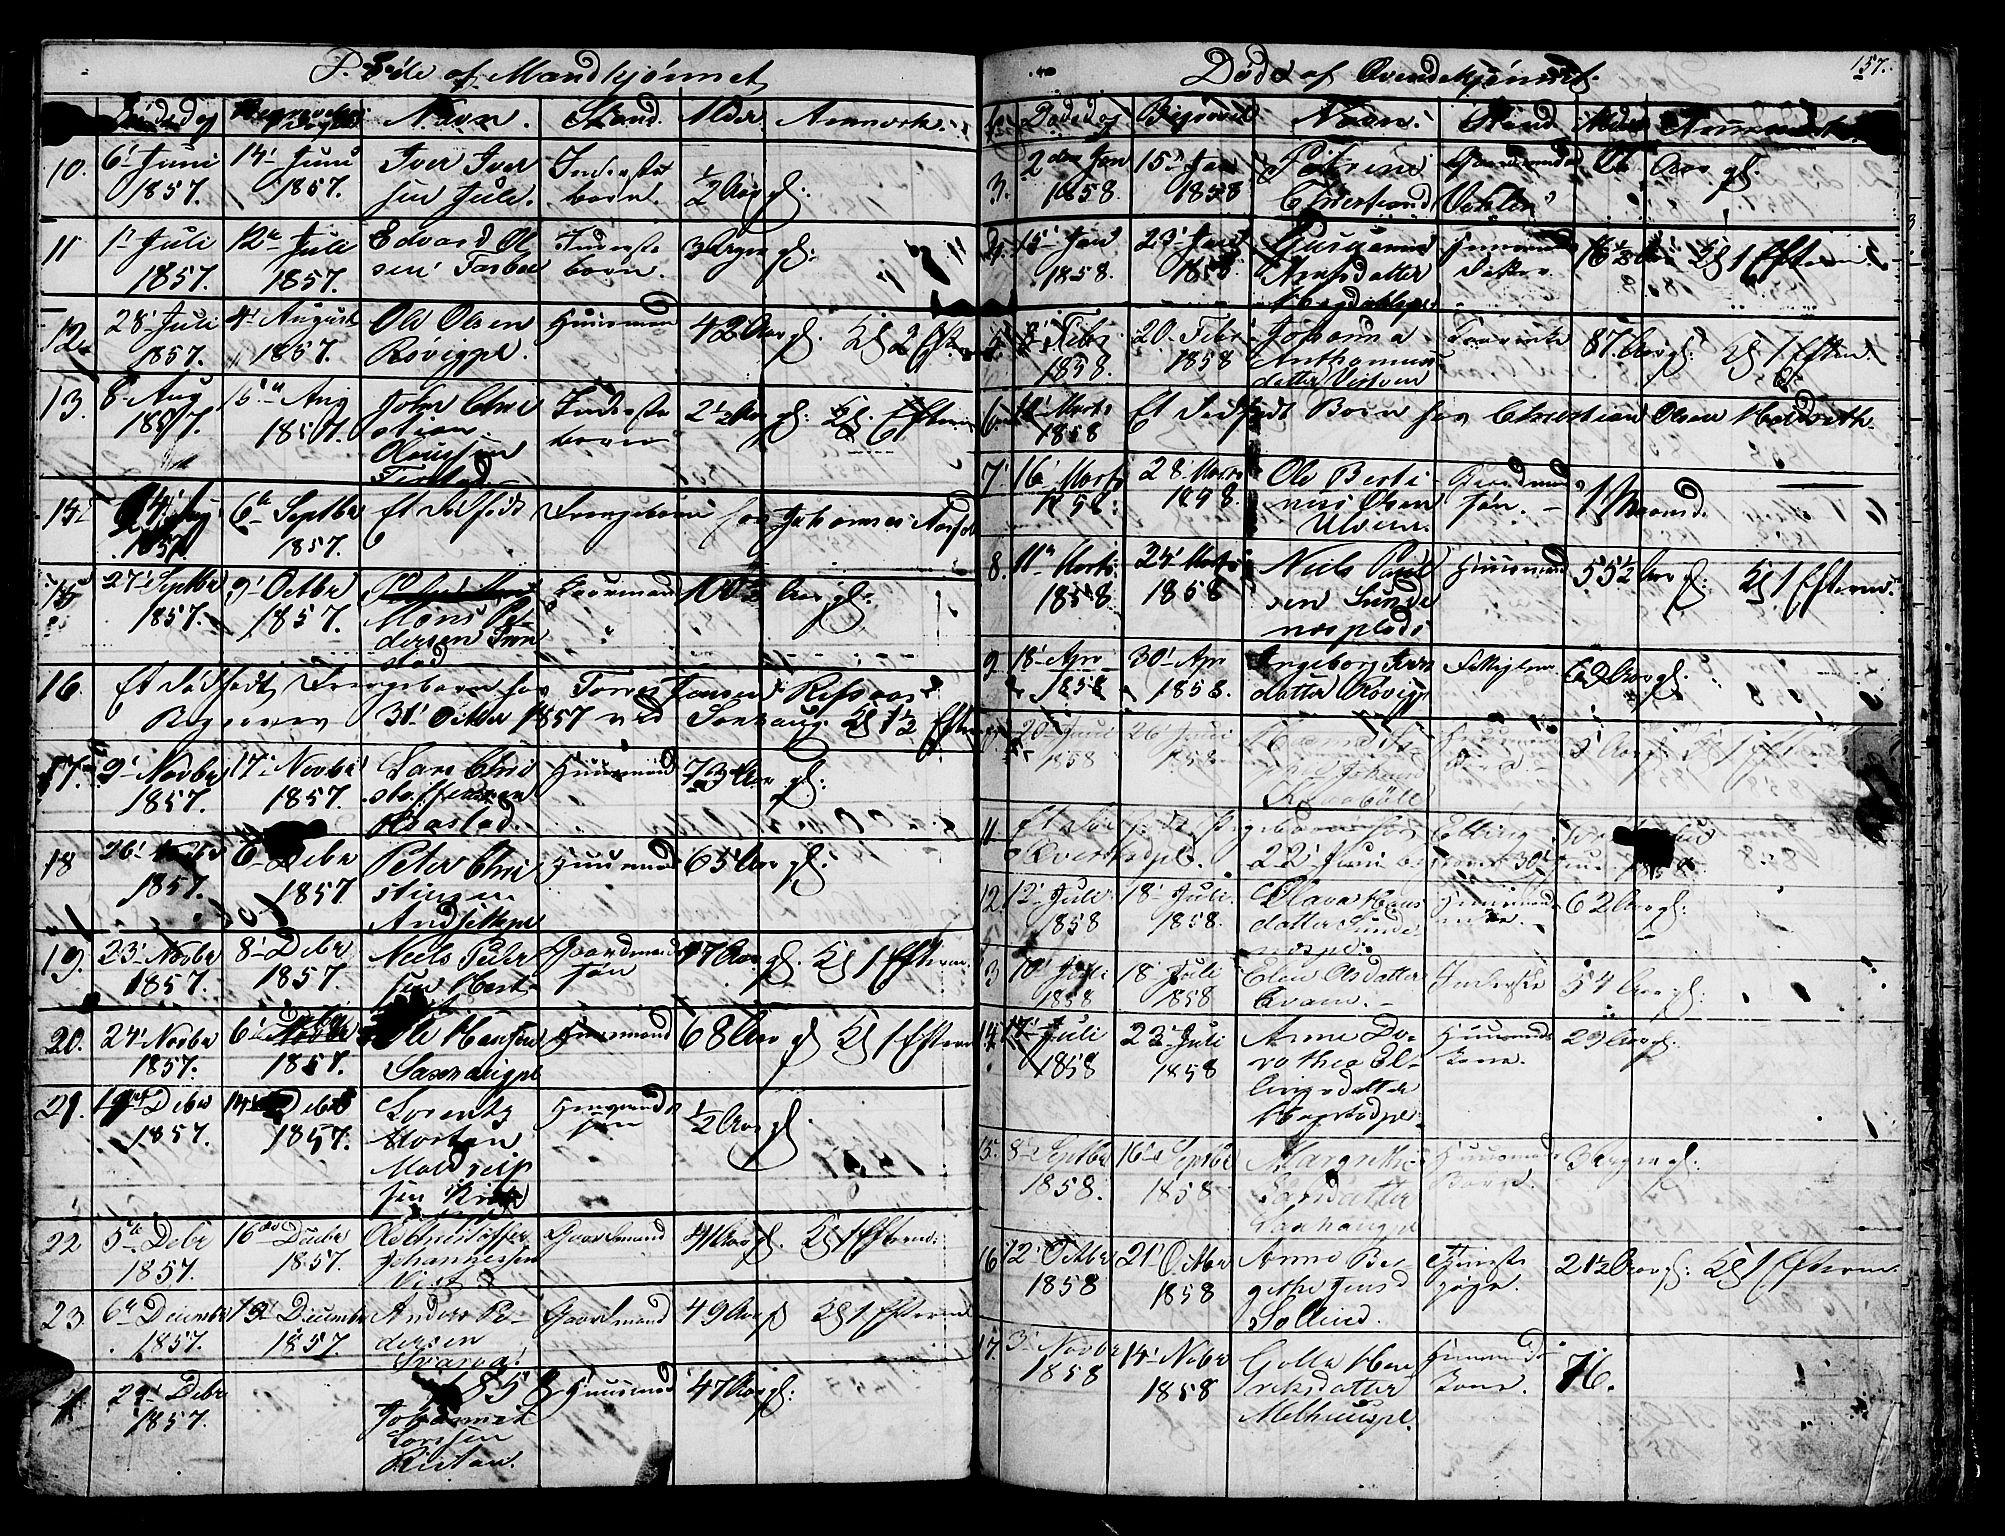 SAT, Ministerialprotokoller, klokkerbøker og fødselsregistre - Nord-Trøndelag, 730/L0299: Klokkerbok nr. 730C02, 1849-1871, s. 157